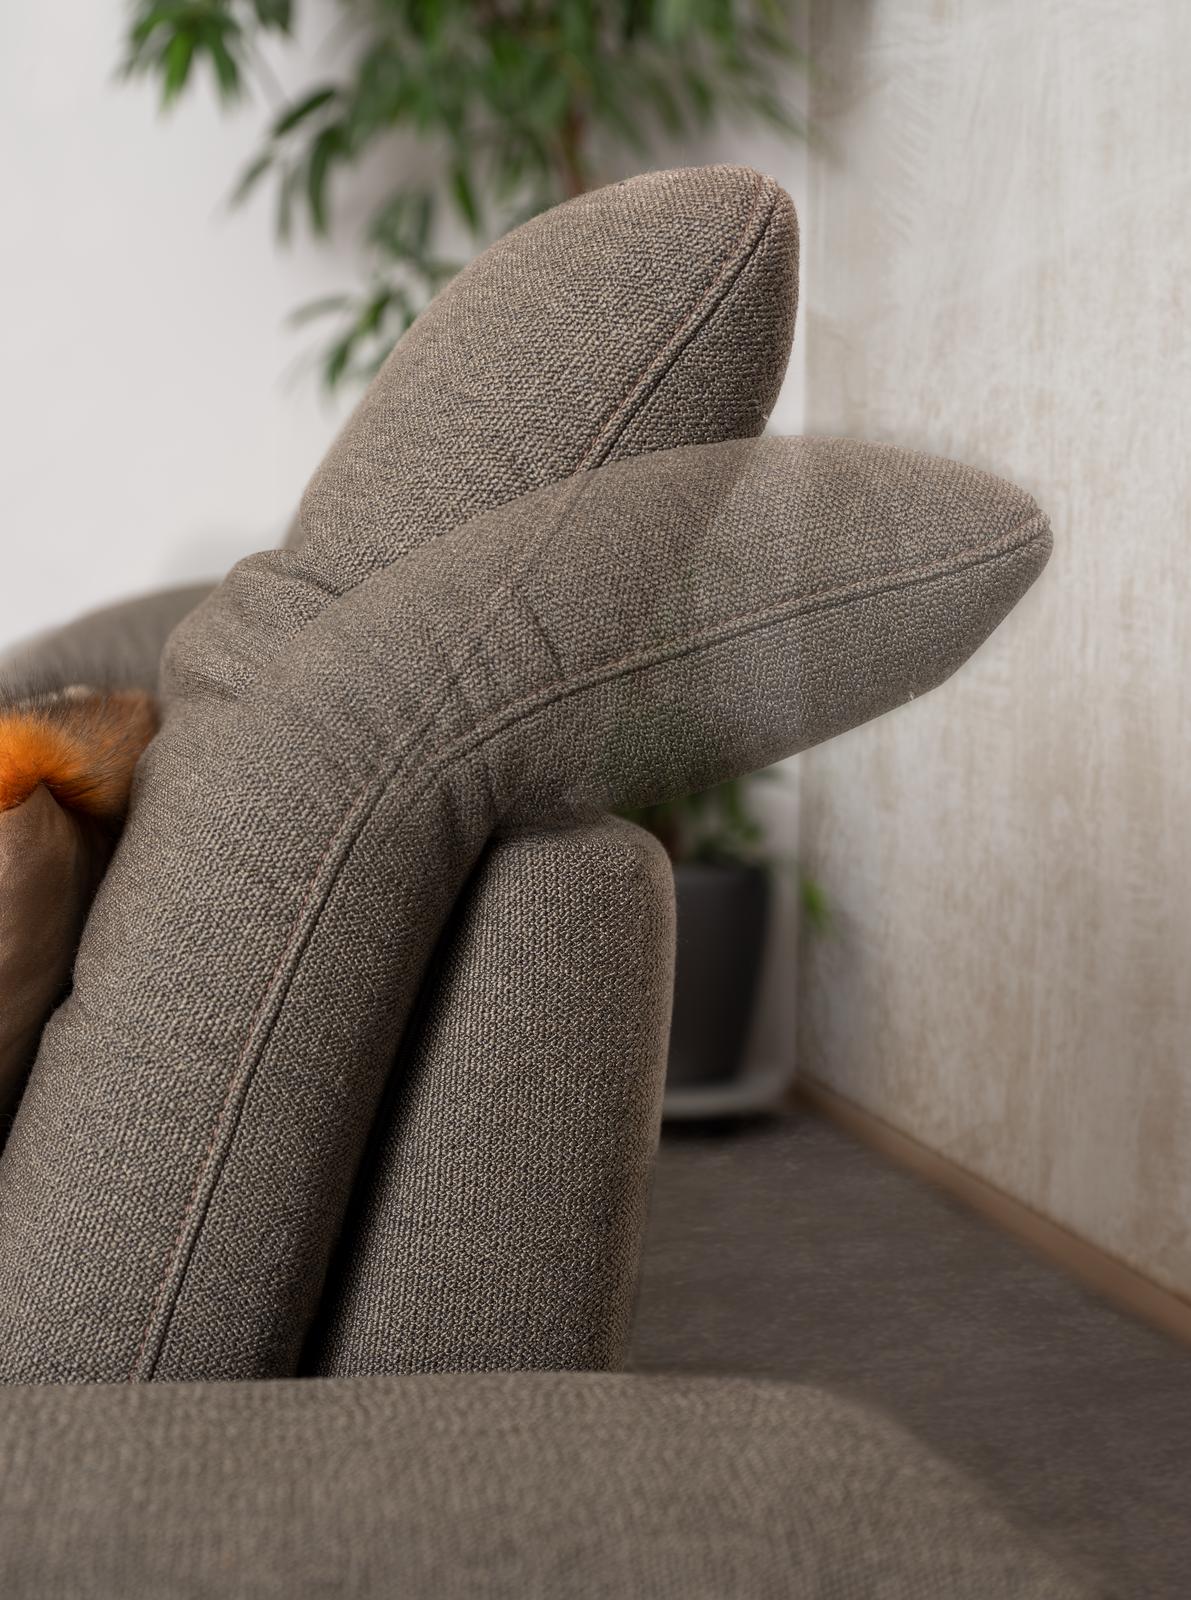 Detailbild von Sofa Keano mit Nackenstützenverstellung